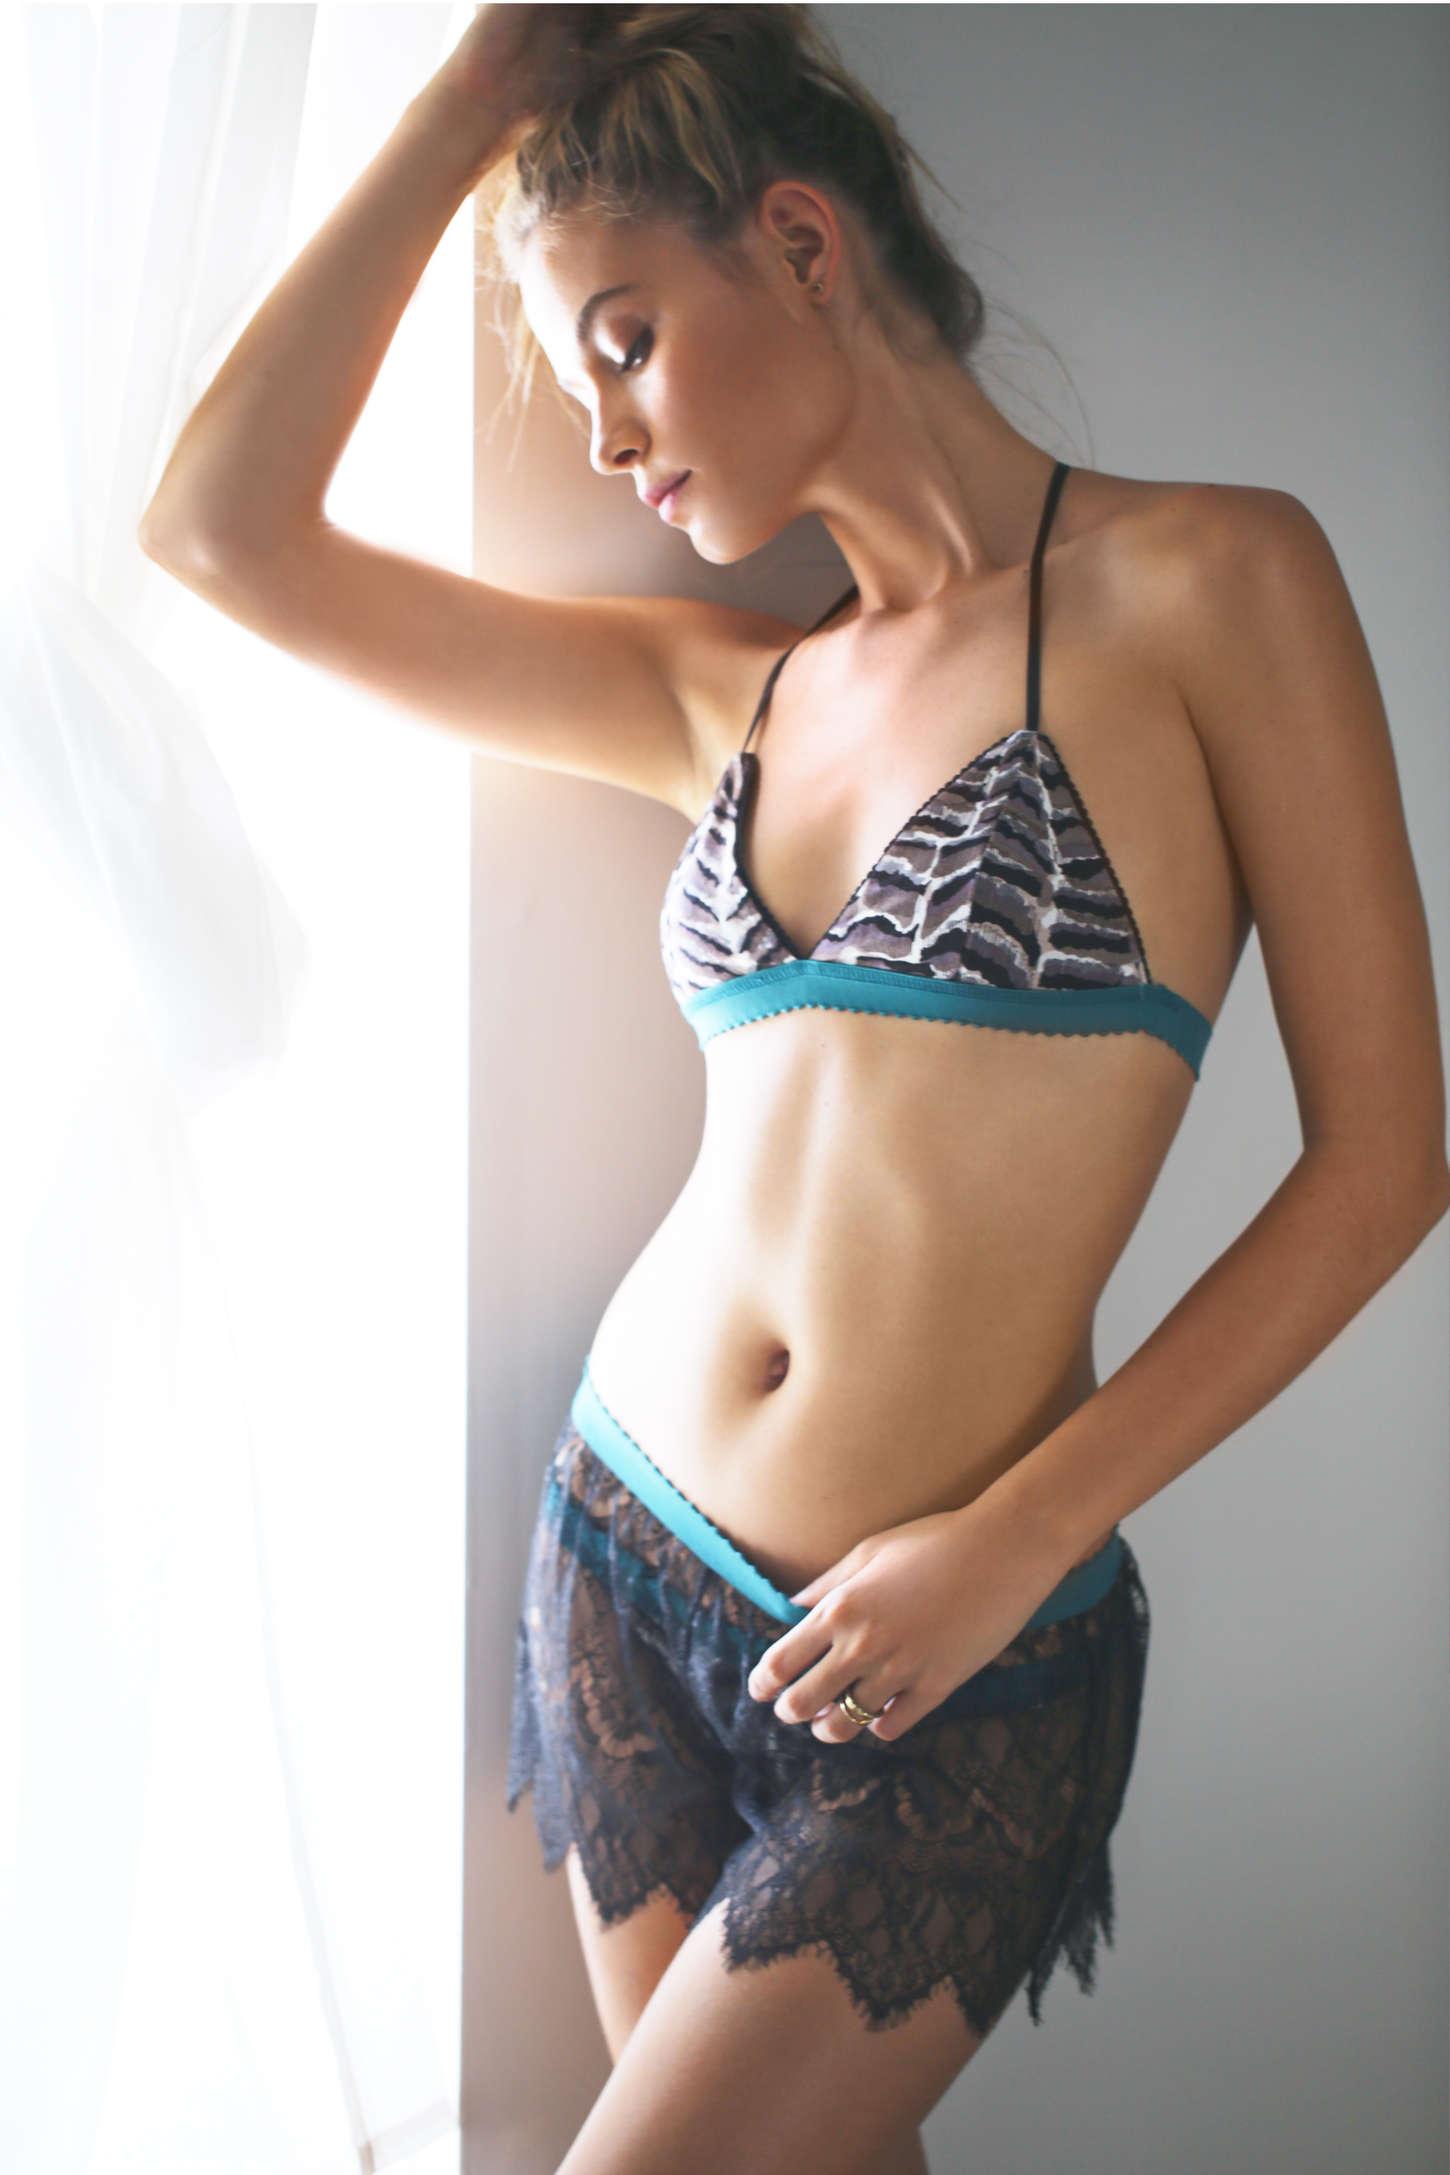 Selfie Barbara Di Creddo naked (87 photo), Ass, Is a cute, Feet, see through 2020